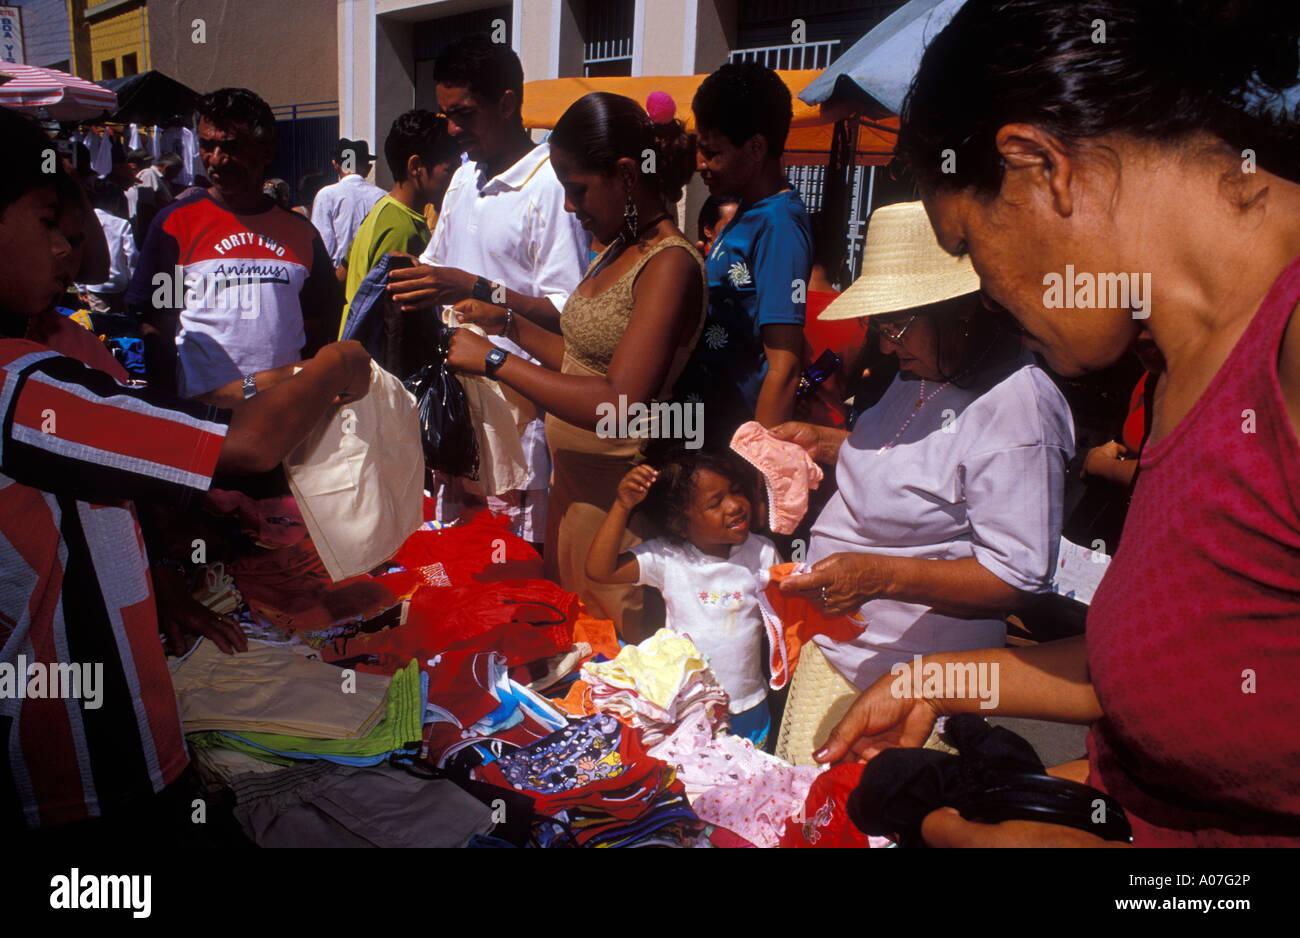 Mercato a cielo aperto, economici, poco costoso vestiti per la vendita e il commercio popolare per le persone a basso reddito i clienti a Juazeiro do Norte nel Cearà Stato, Brasile. Immagini Stock